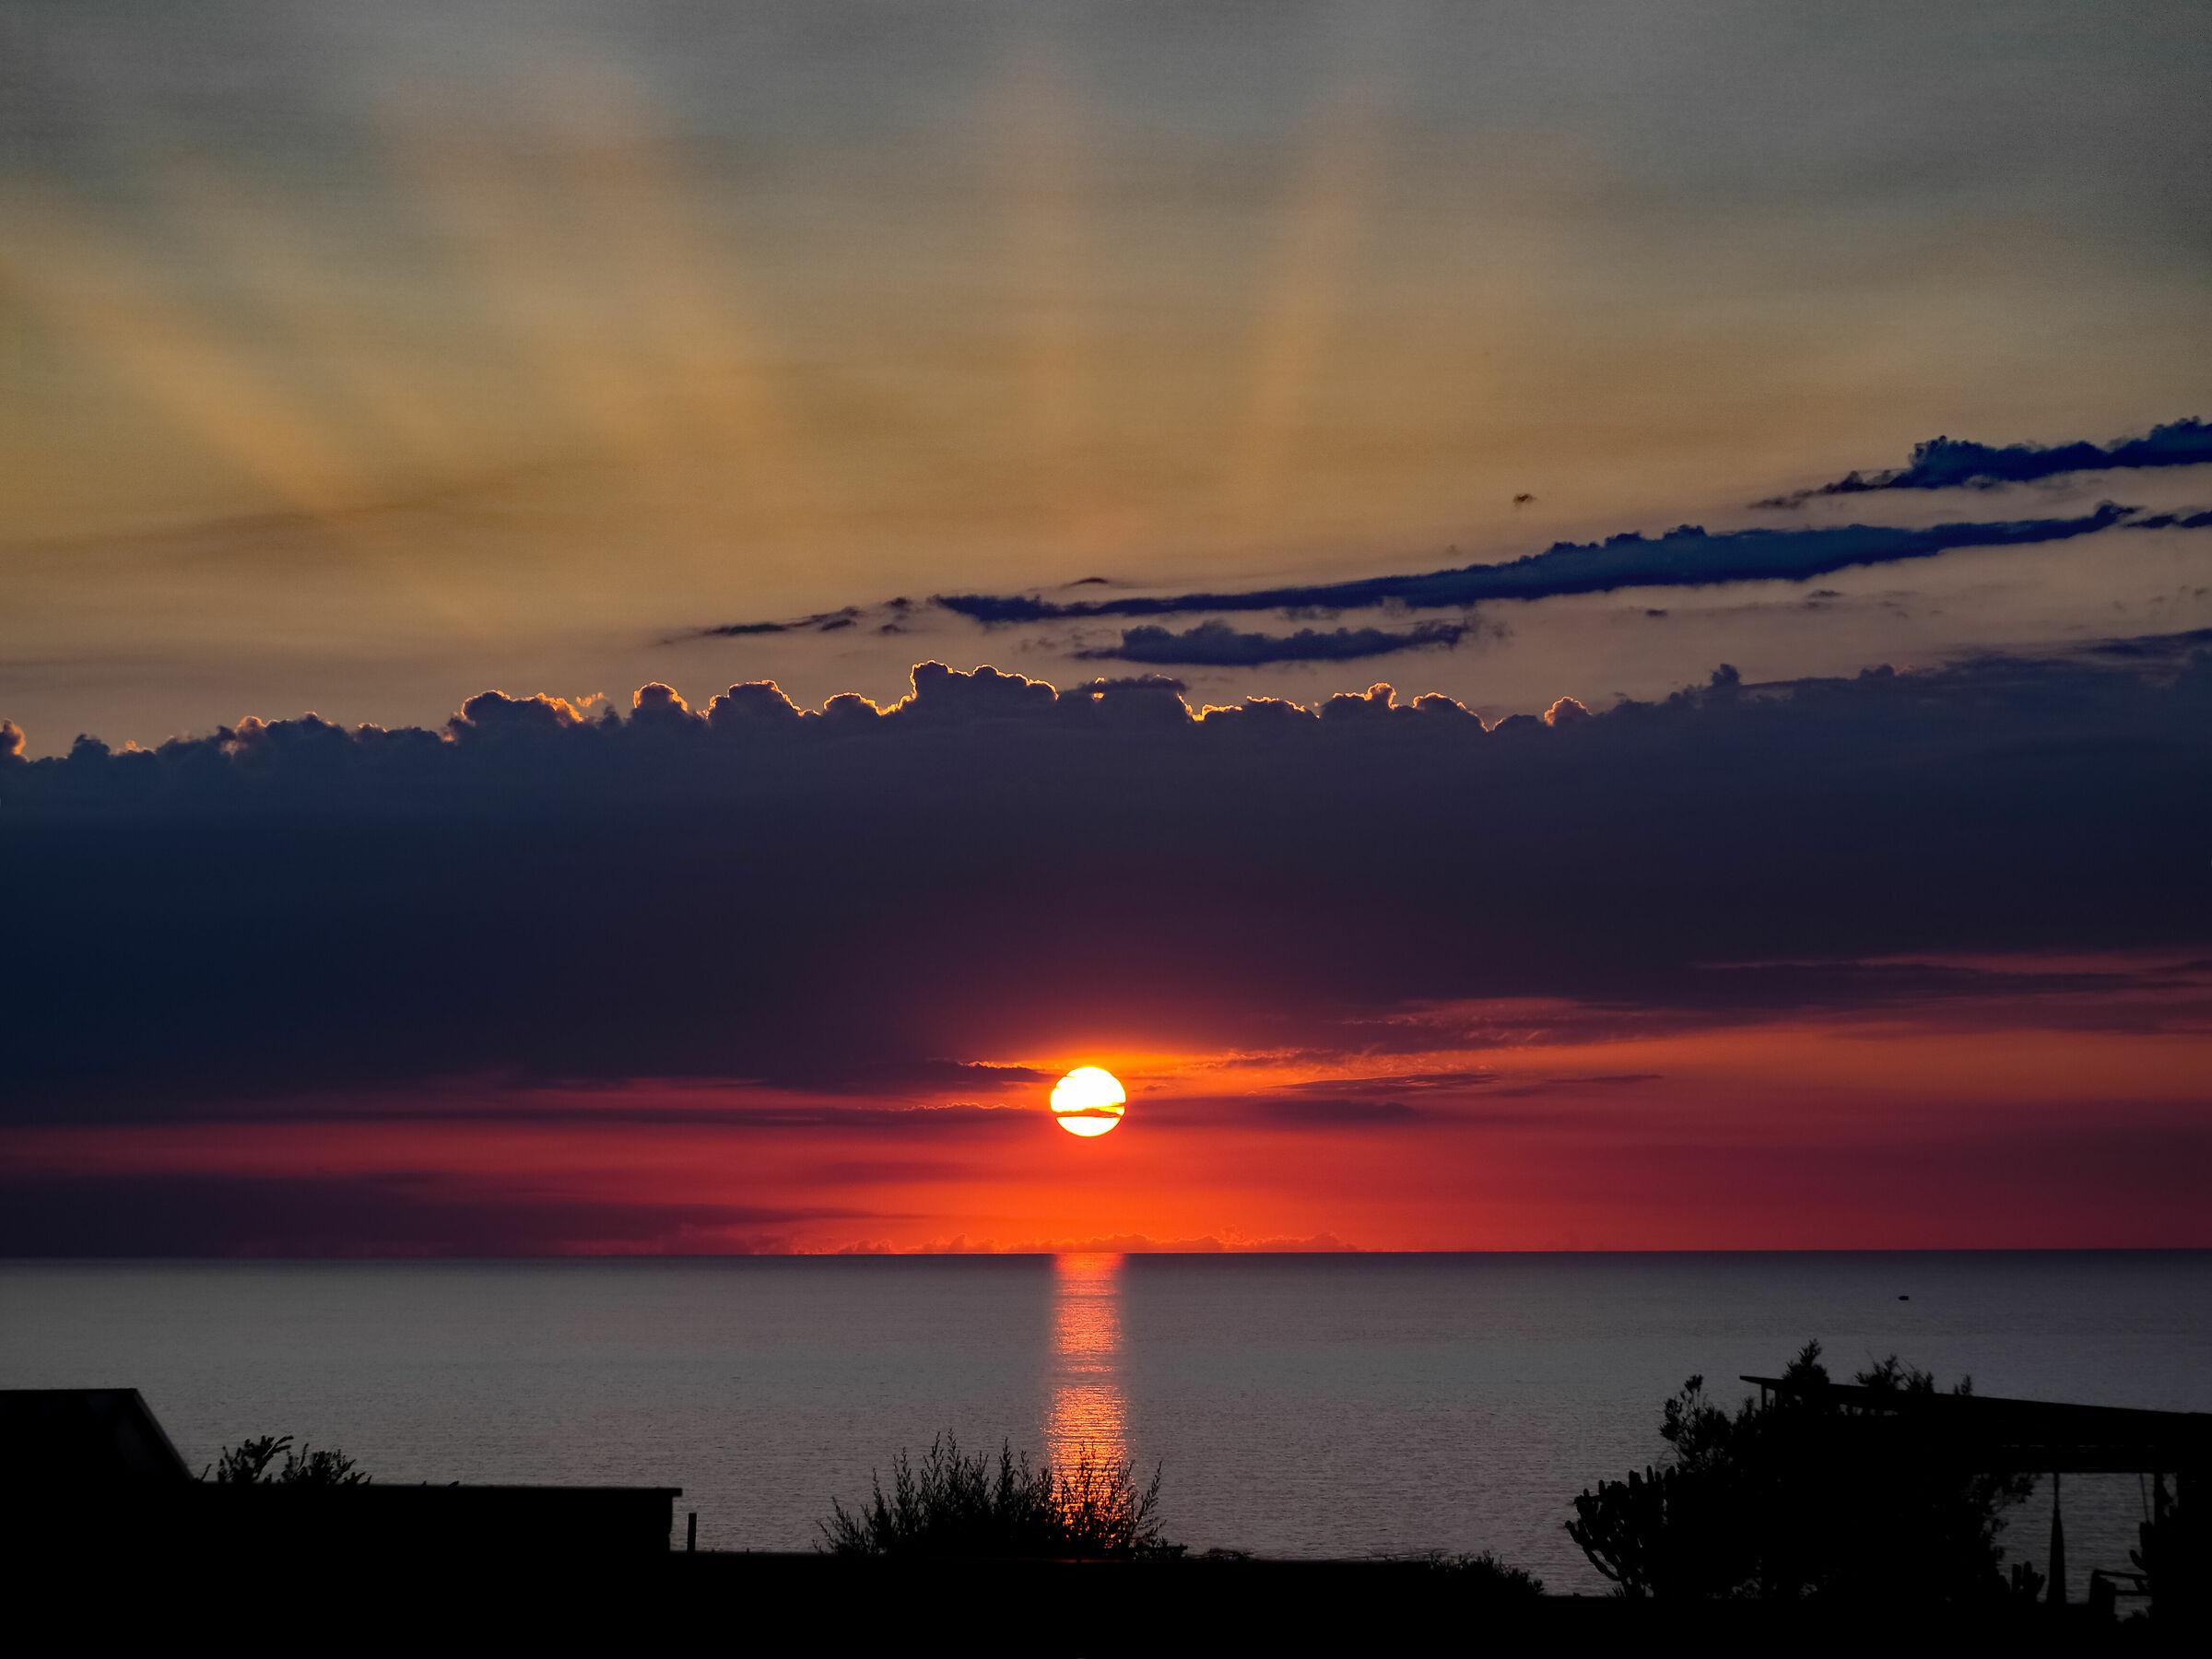 sunset on the headland...